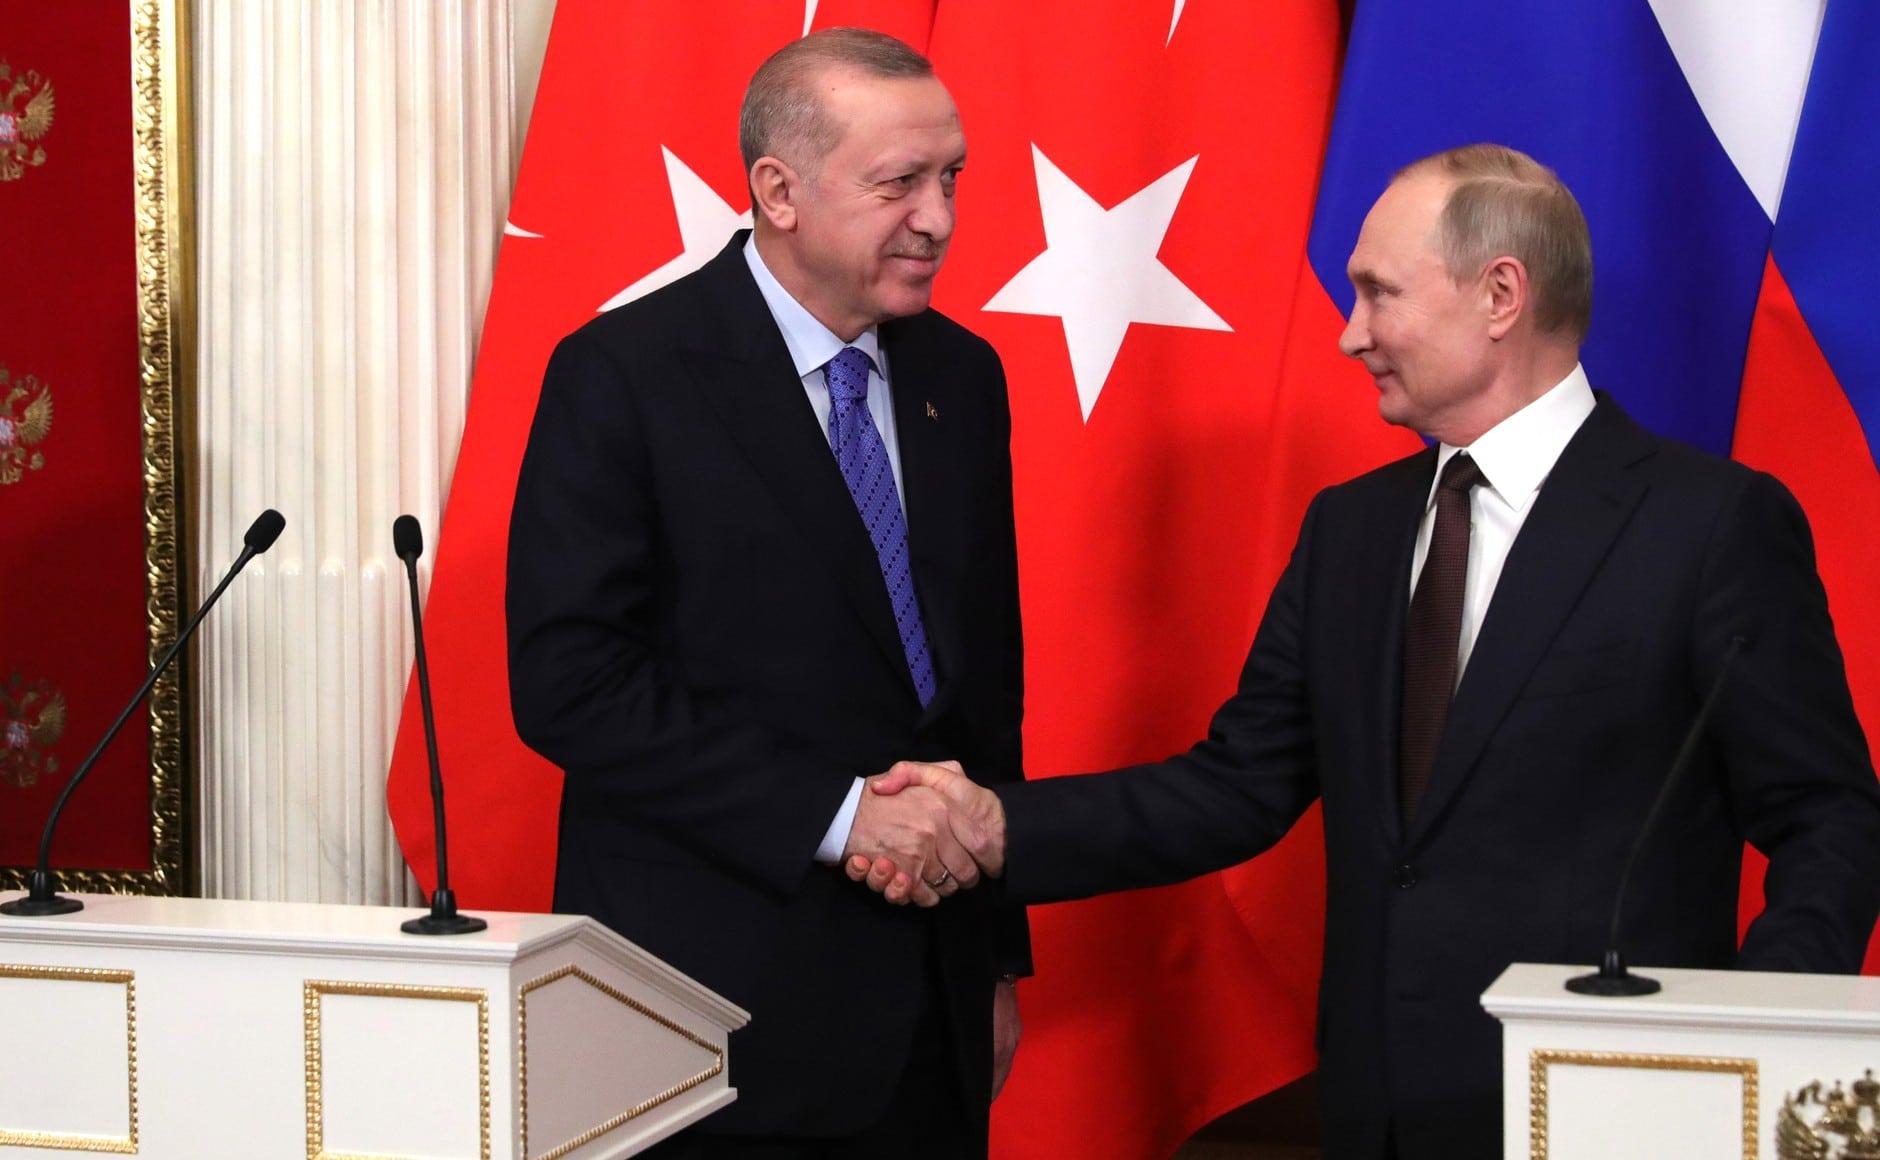 Putyin és Erdogan megállapodott: éjféltől tűzszünet lép életbe Idlíbben